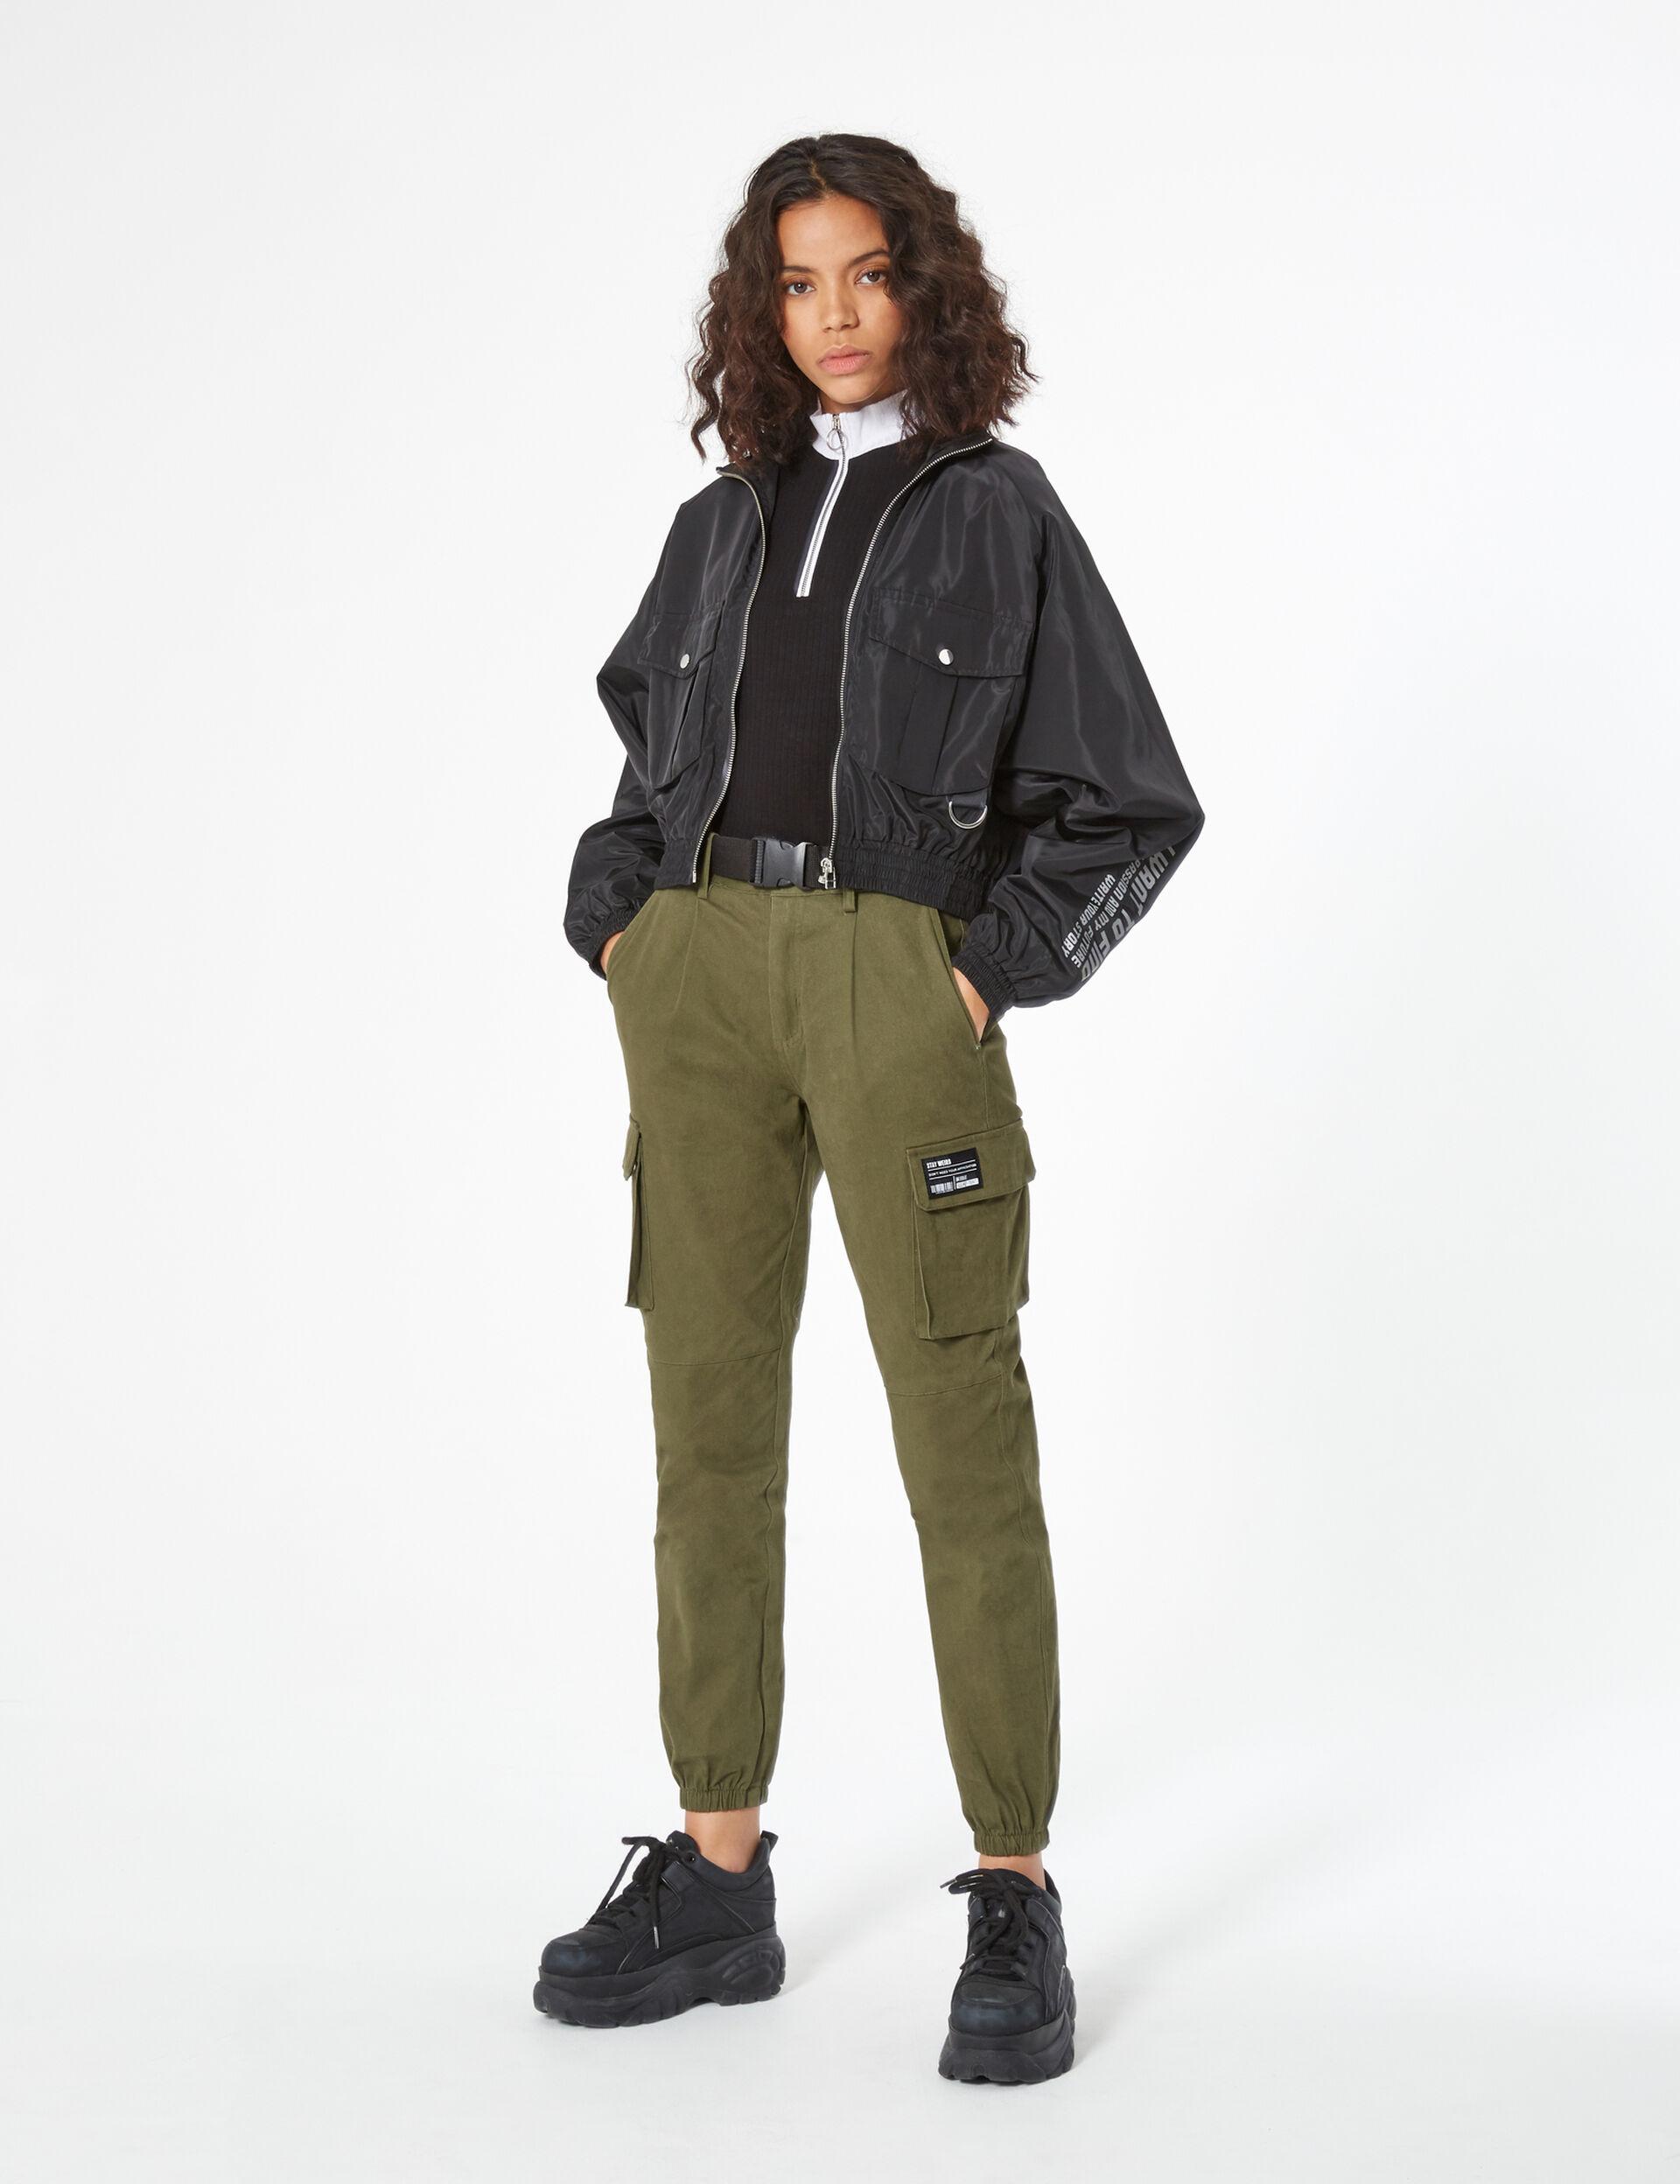 Light cargo style jacket